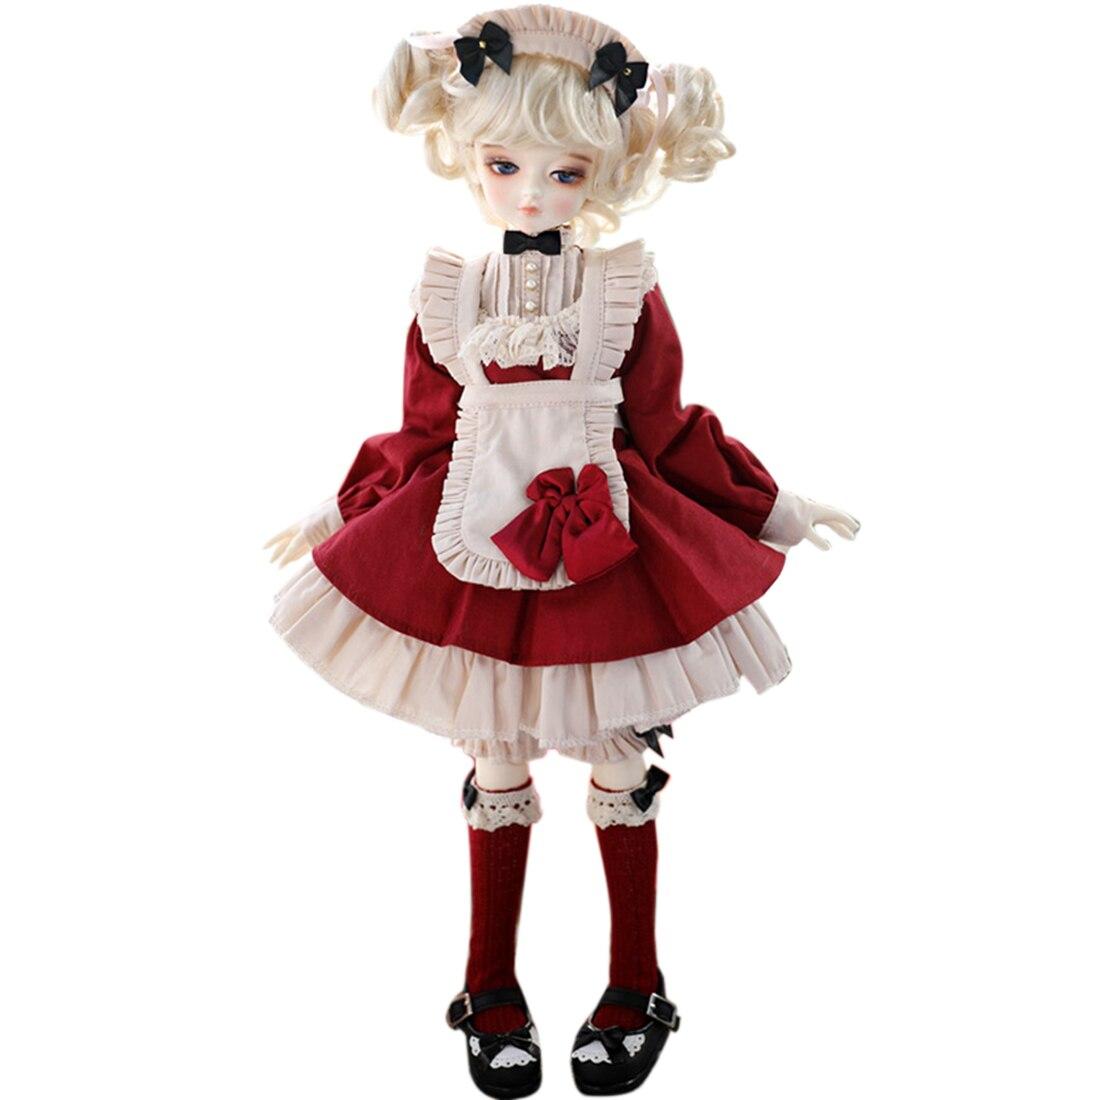 5-pieces-retro-rouge-femme-de-chambre-tablier-robe-tenue-bjd-poupee-fille-vetements-ensemble-pour-1-3-ou-1-4-ou-1-6-bjd-poupee-pas-de-poupee-poupees-a-monter-soi-meme-accessoires